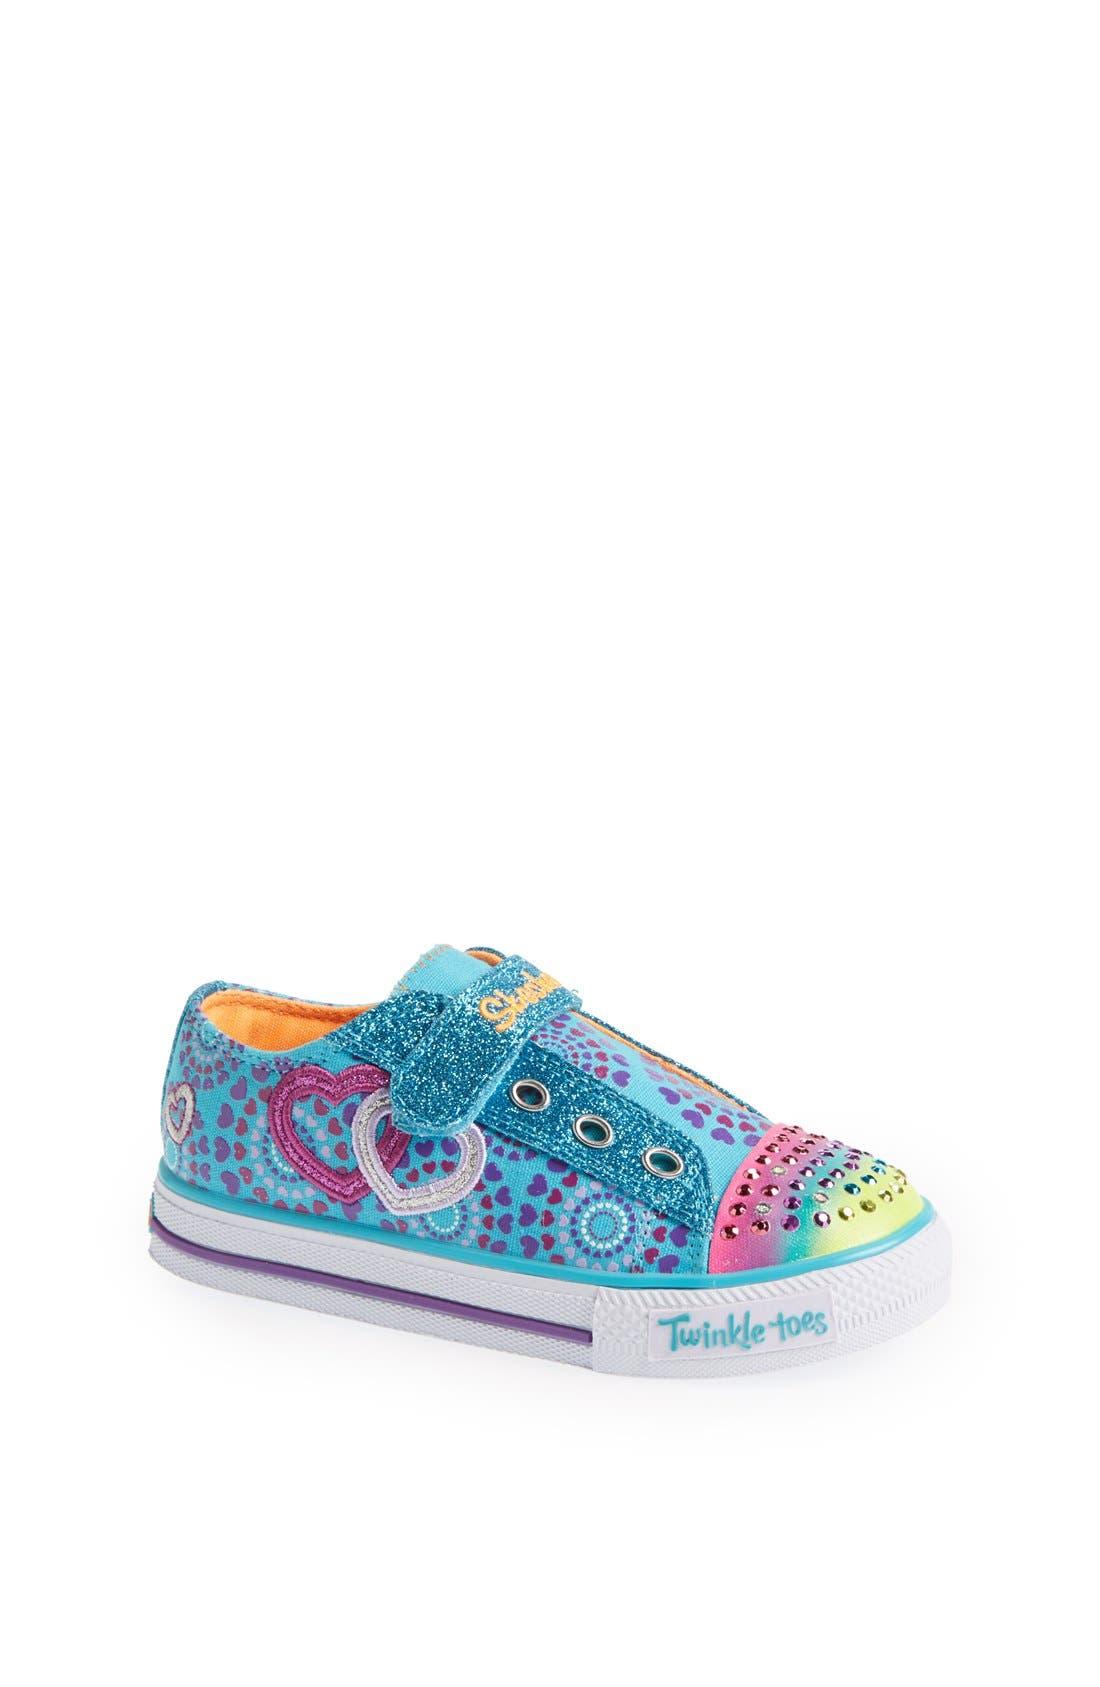 Main Image - SKECHERS 'Shuffles - Love Burst' Sneaker (Toddler)